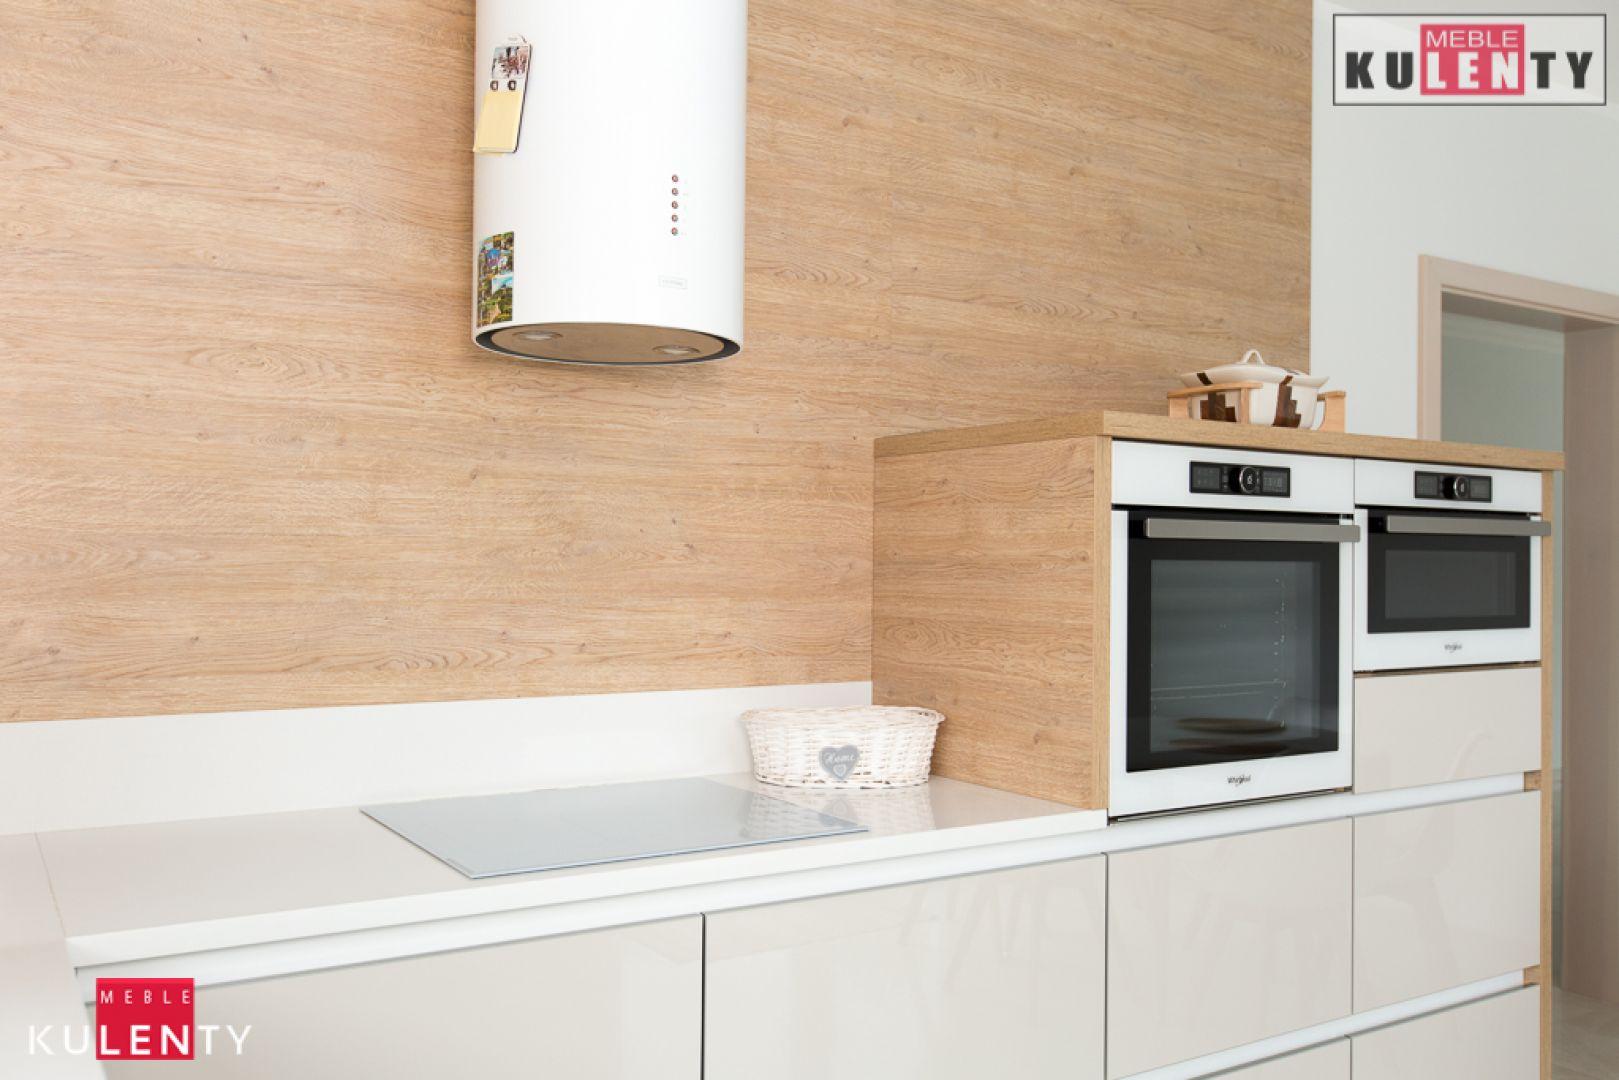 Biała indukcja w kuchni G5YM